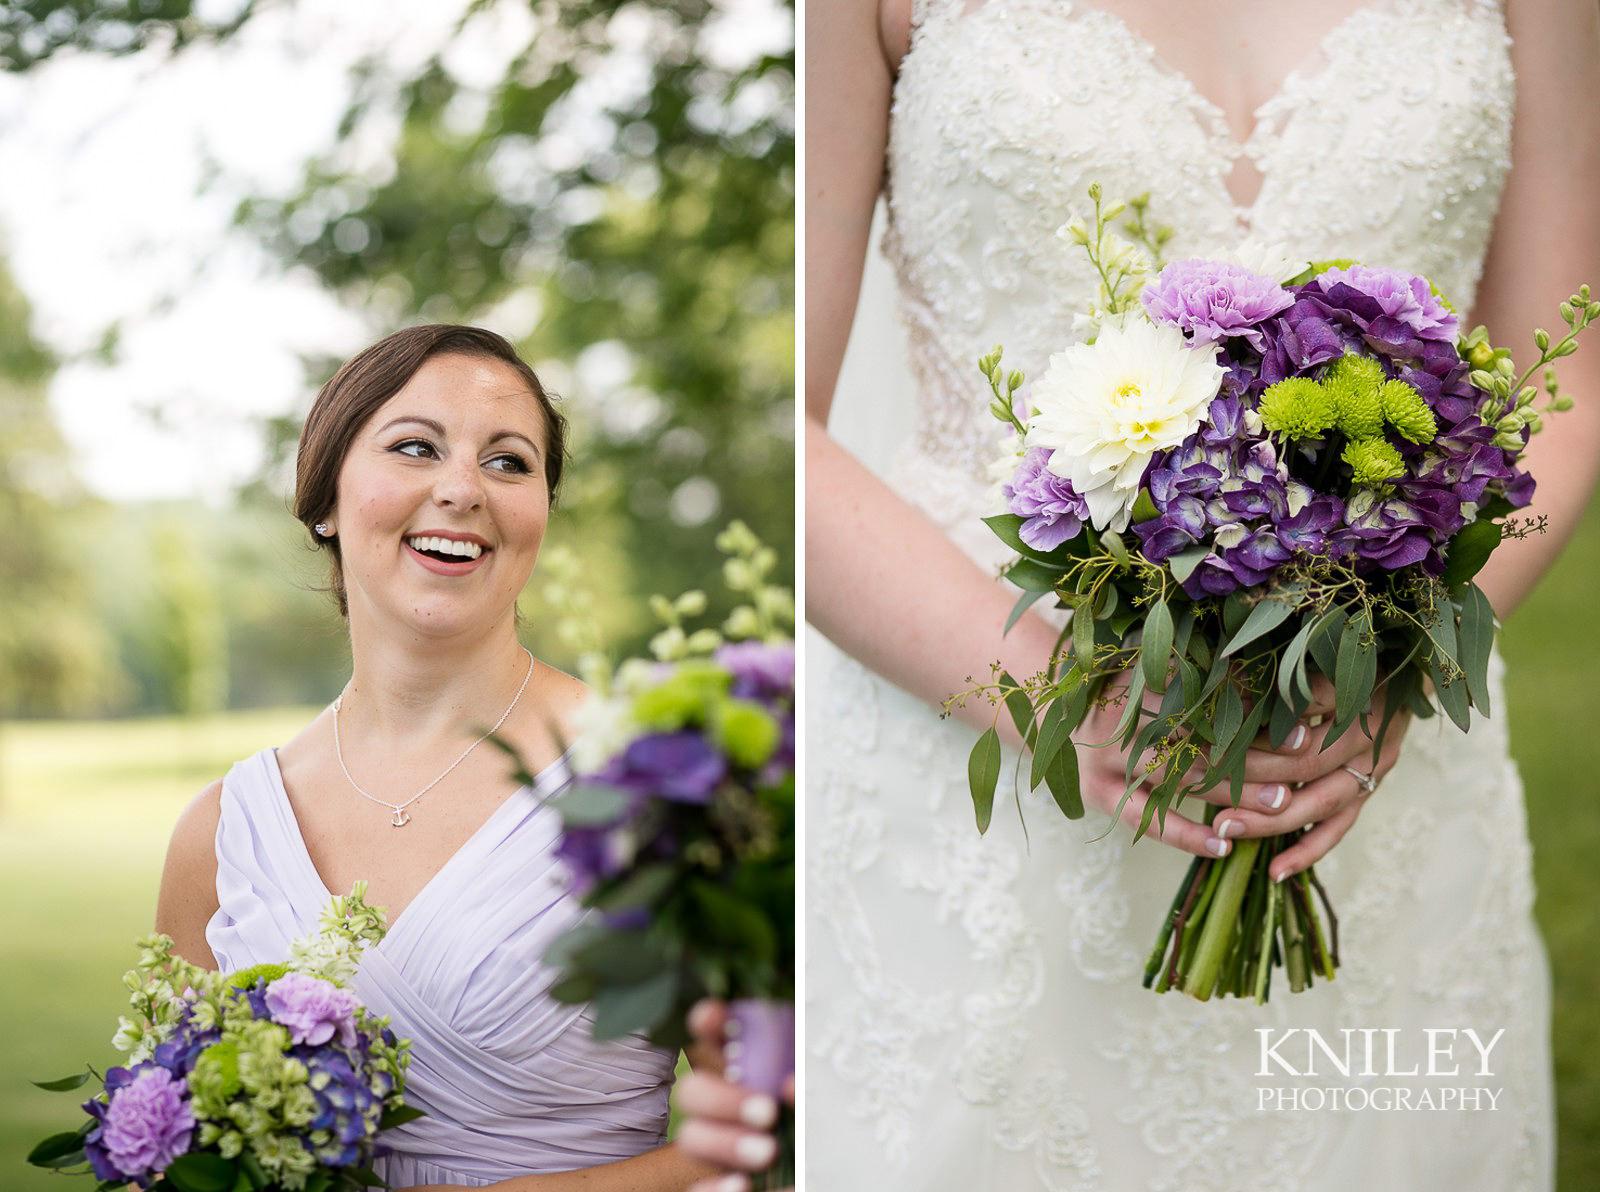 017 - Sodus Bay Heights Golf Club Wedding Pictures - Blog verticals 5.jpg